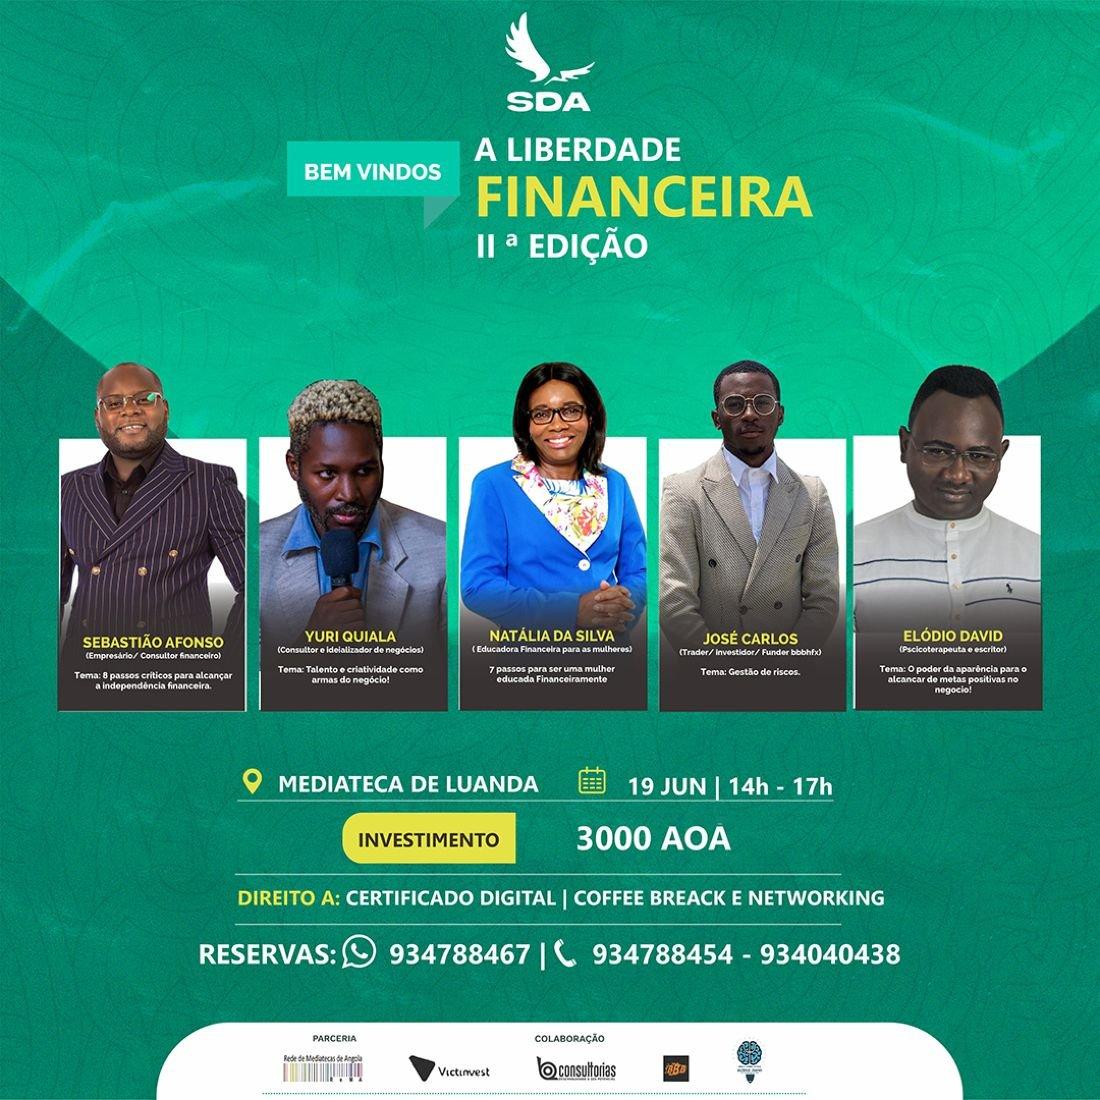 Bem-Vindos à Liberdade Financeira 0.2, 19 June | Event in Luanda | AllEvents.in